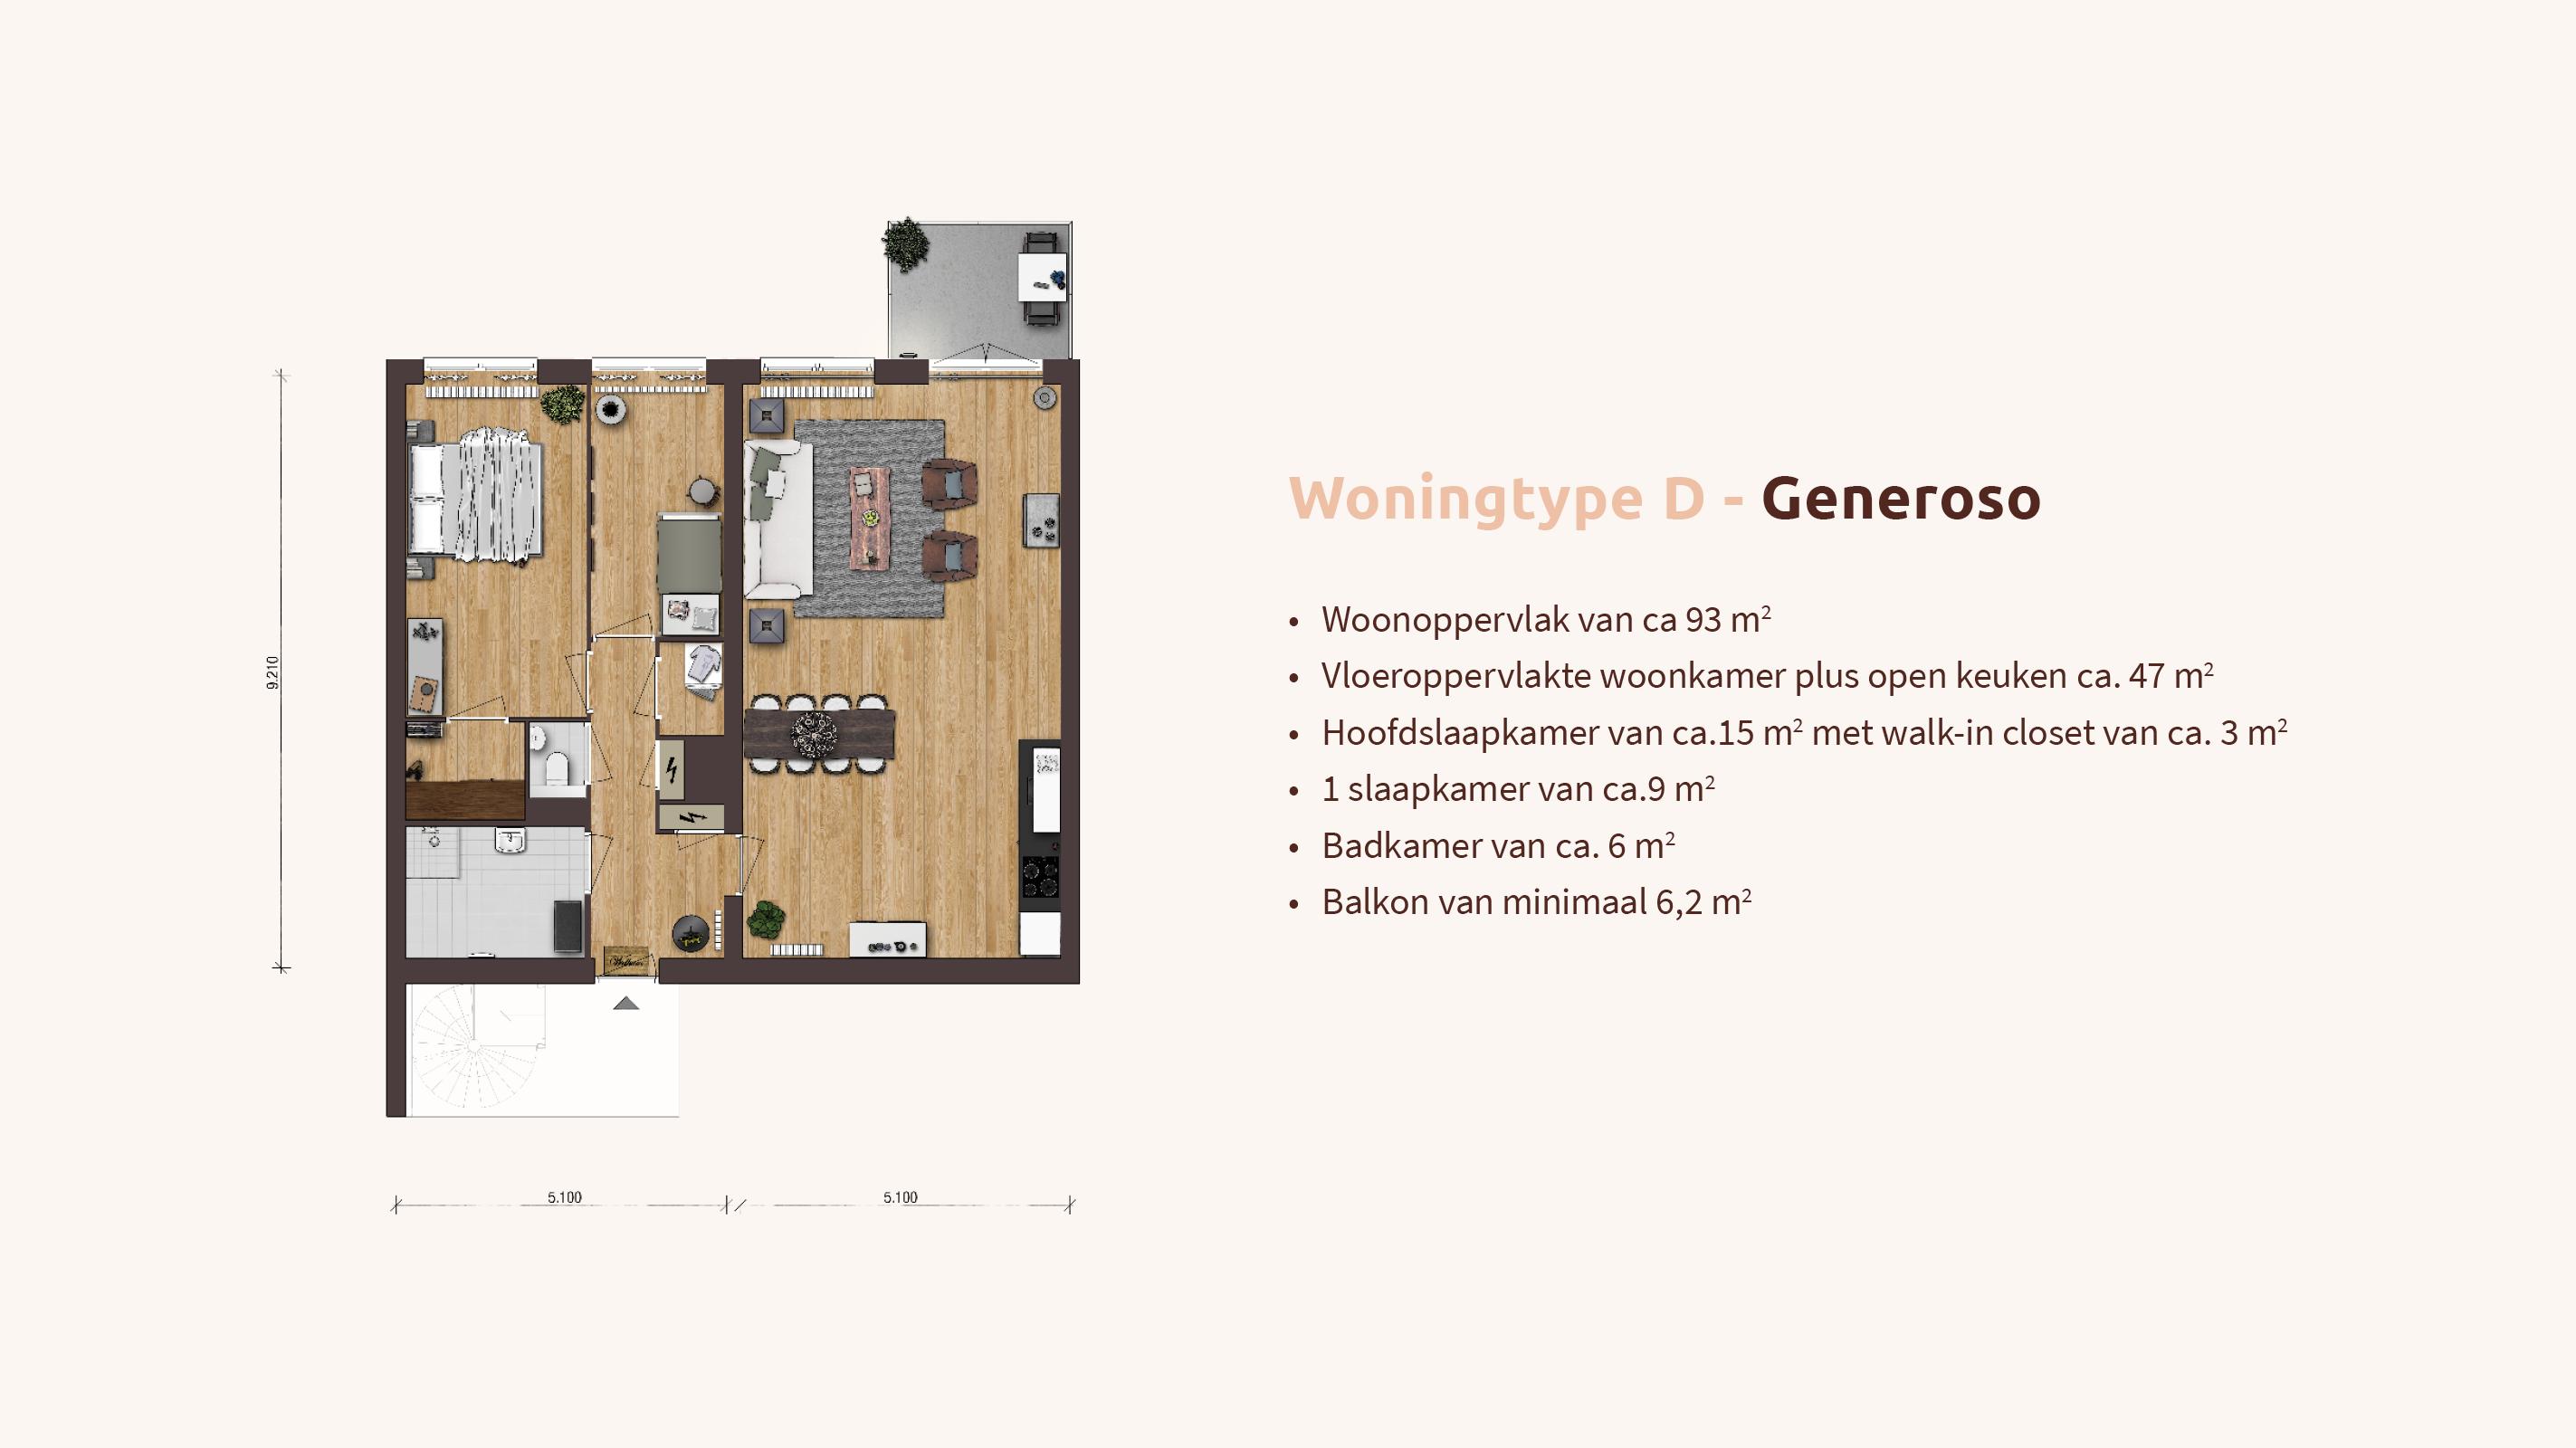 Woningtype D - Generoso - Pop-up - Appartementen Leidsche Rijn - Picaz Utrecht